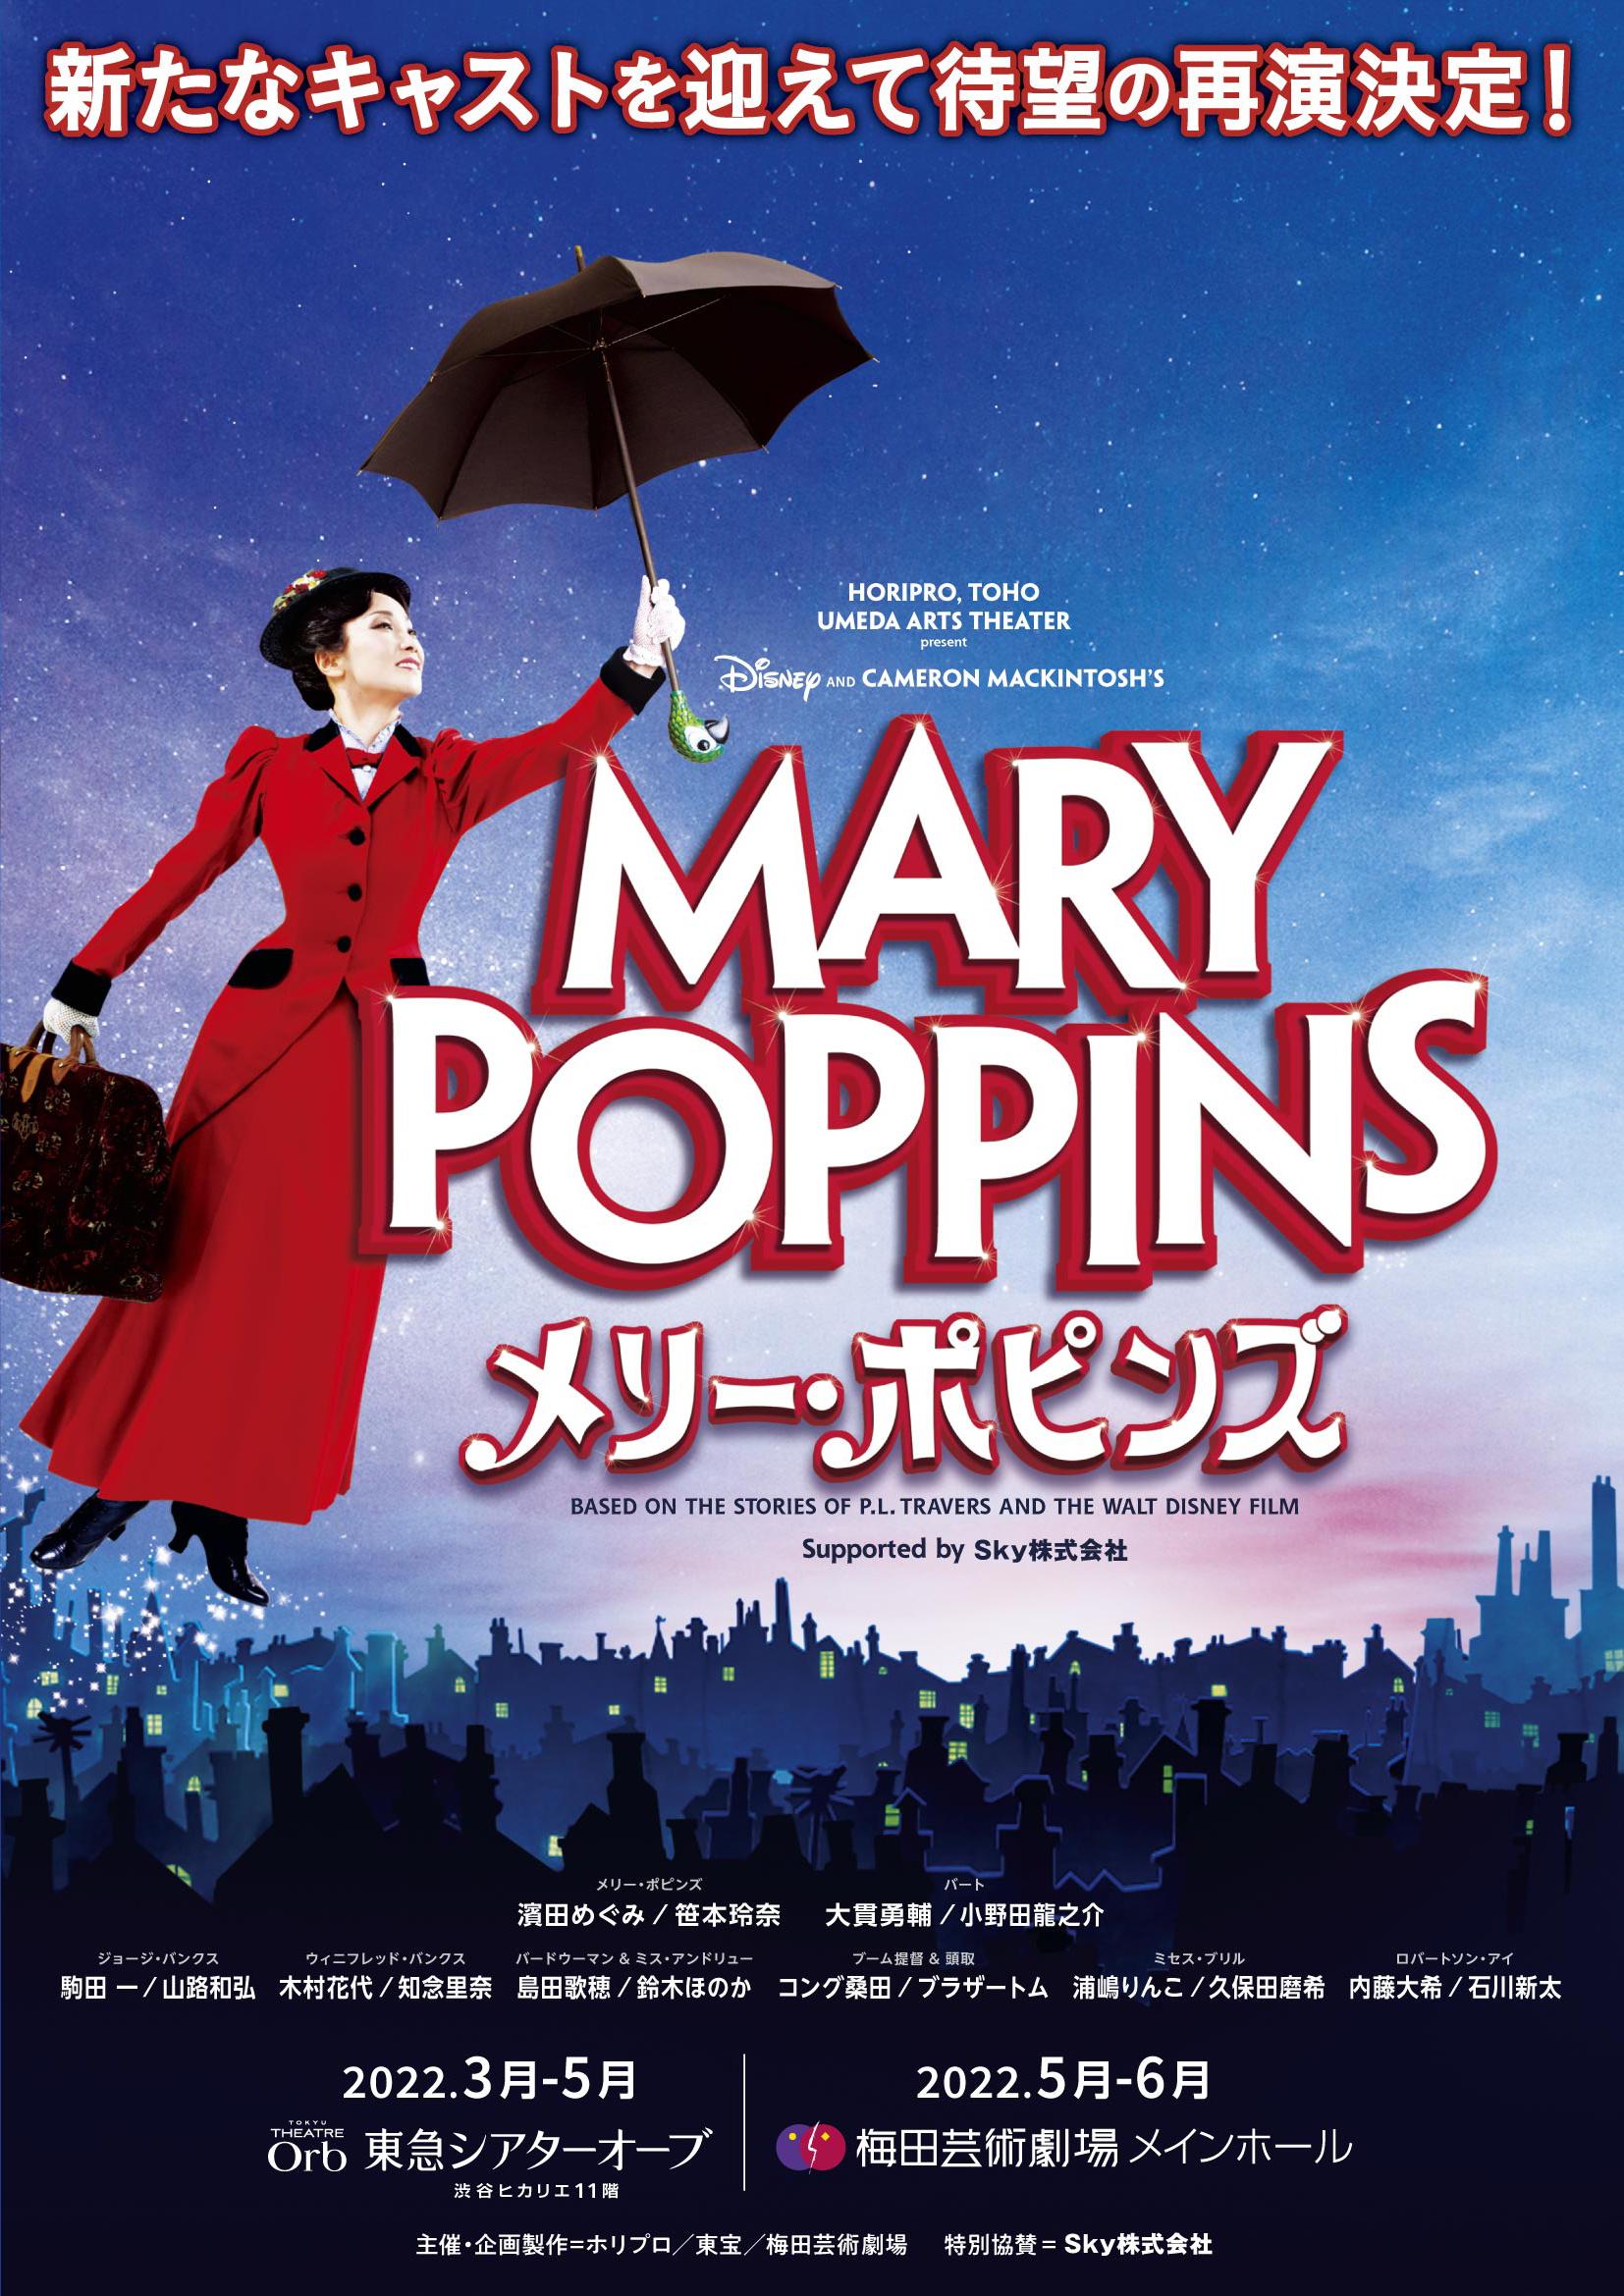 ミュージカル『メリー・ポピンズ』